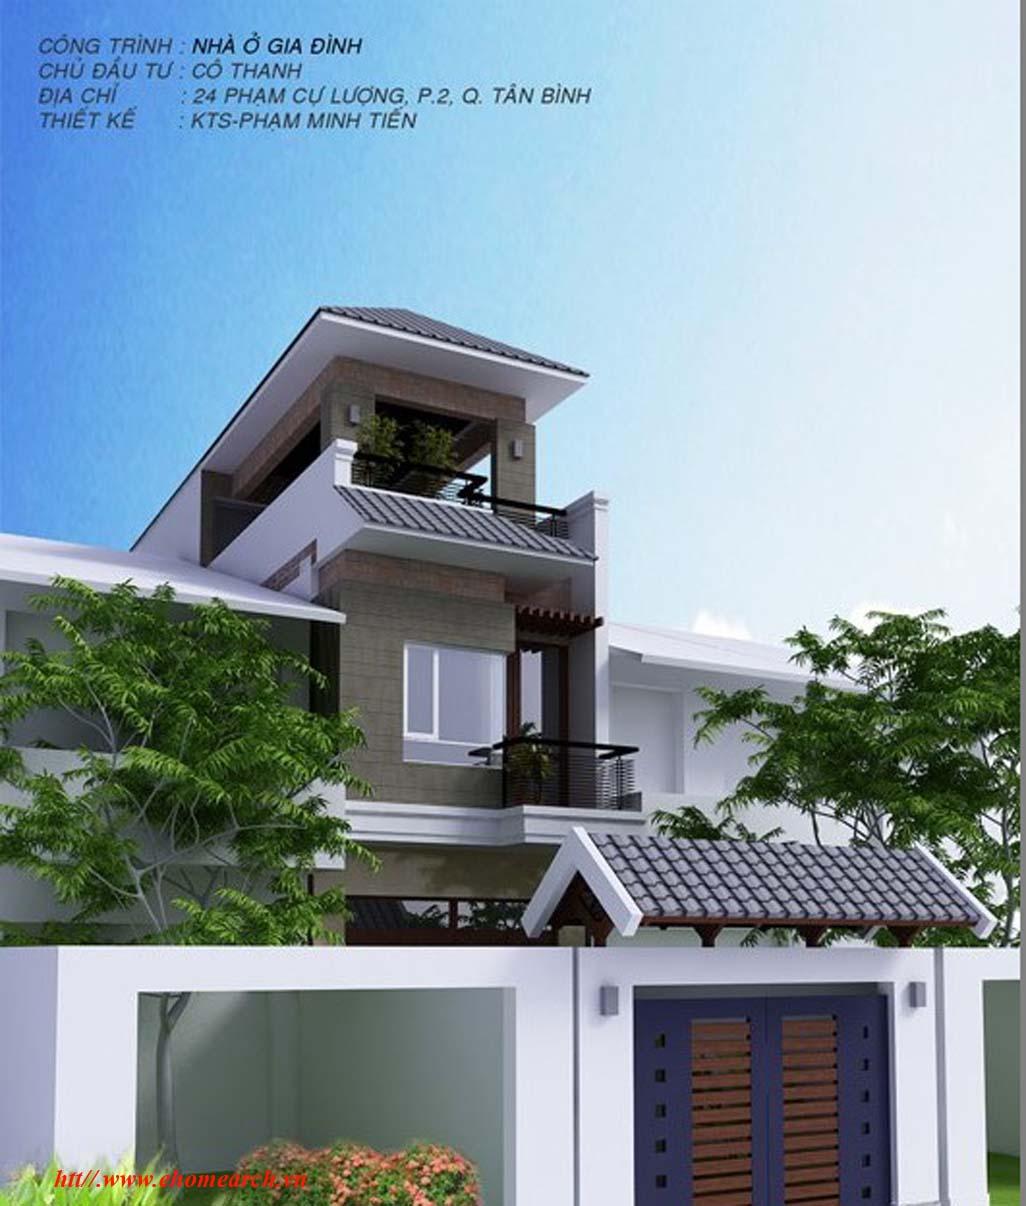 Thiêt kế nhà ở gia đình - Cô Thanh Tân Bình